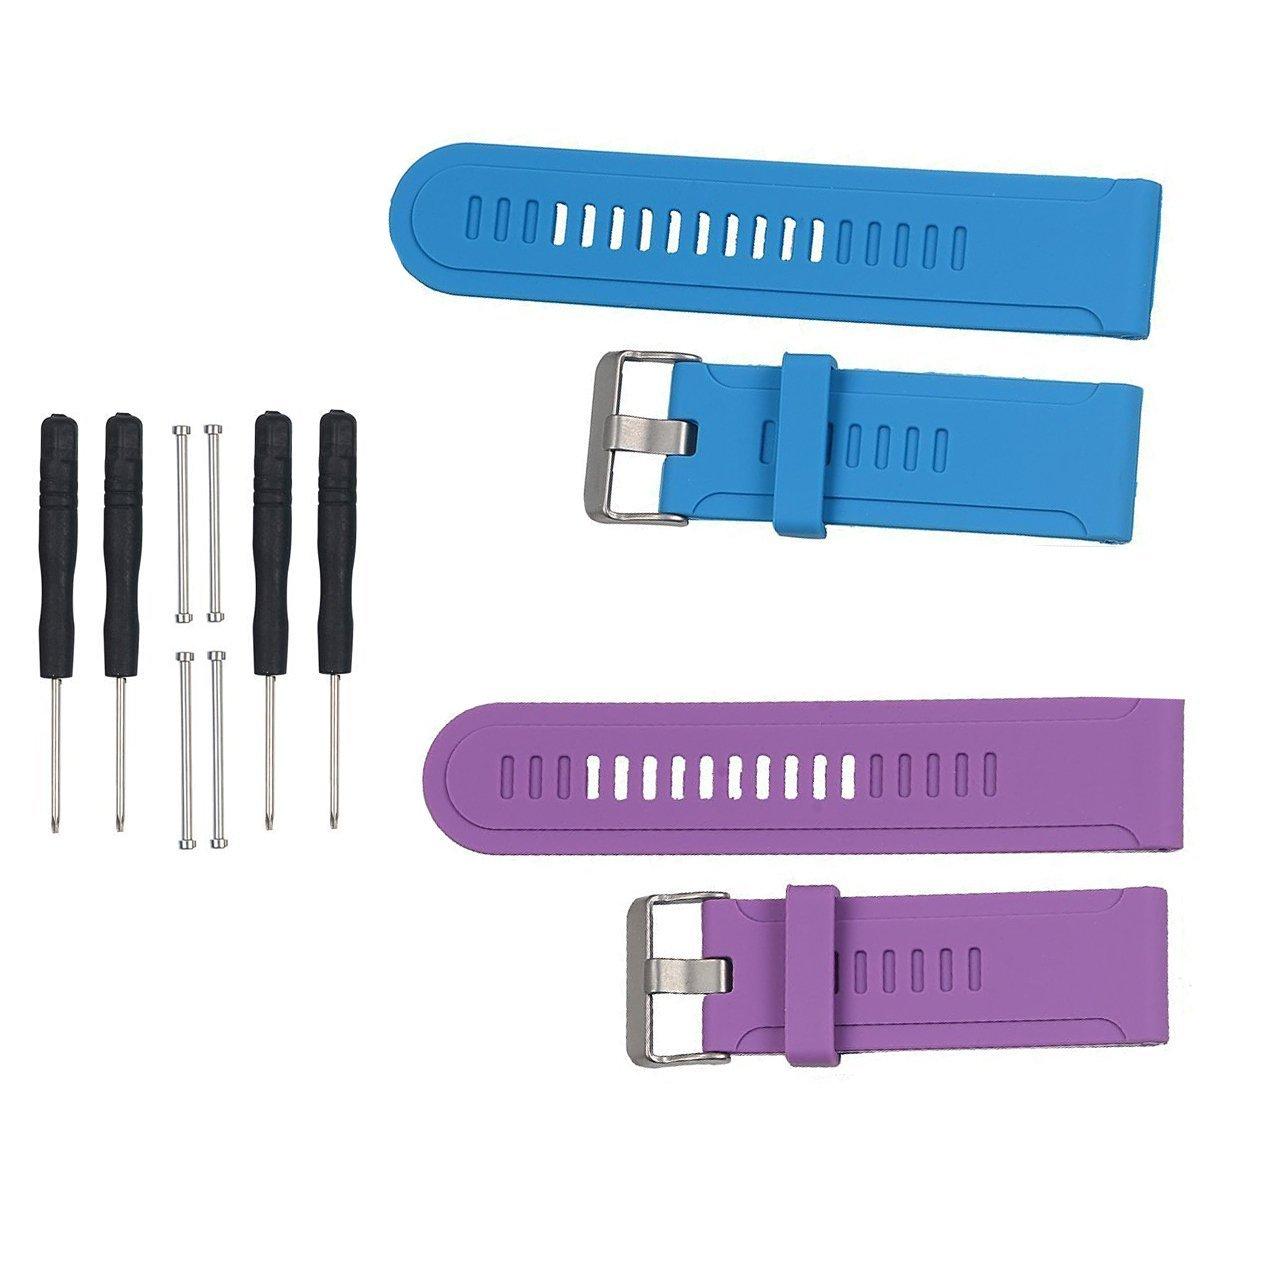 Replacement Bands and Straps for Garmin Fenix 3 HR - 2pcs,Purple+Blue